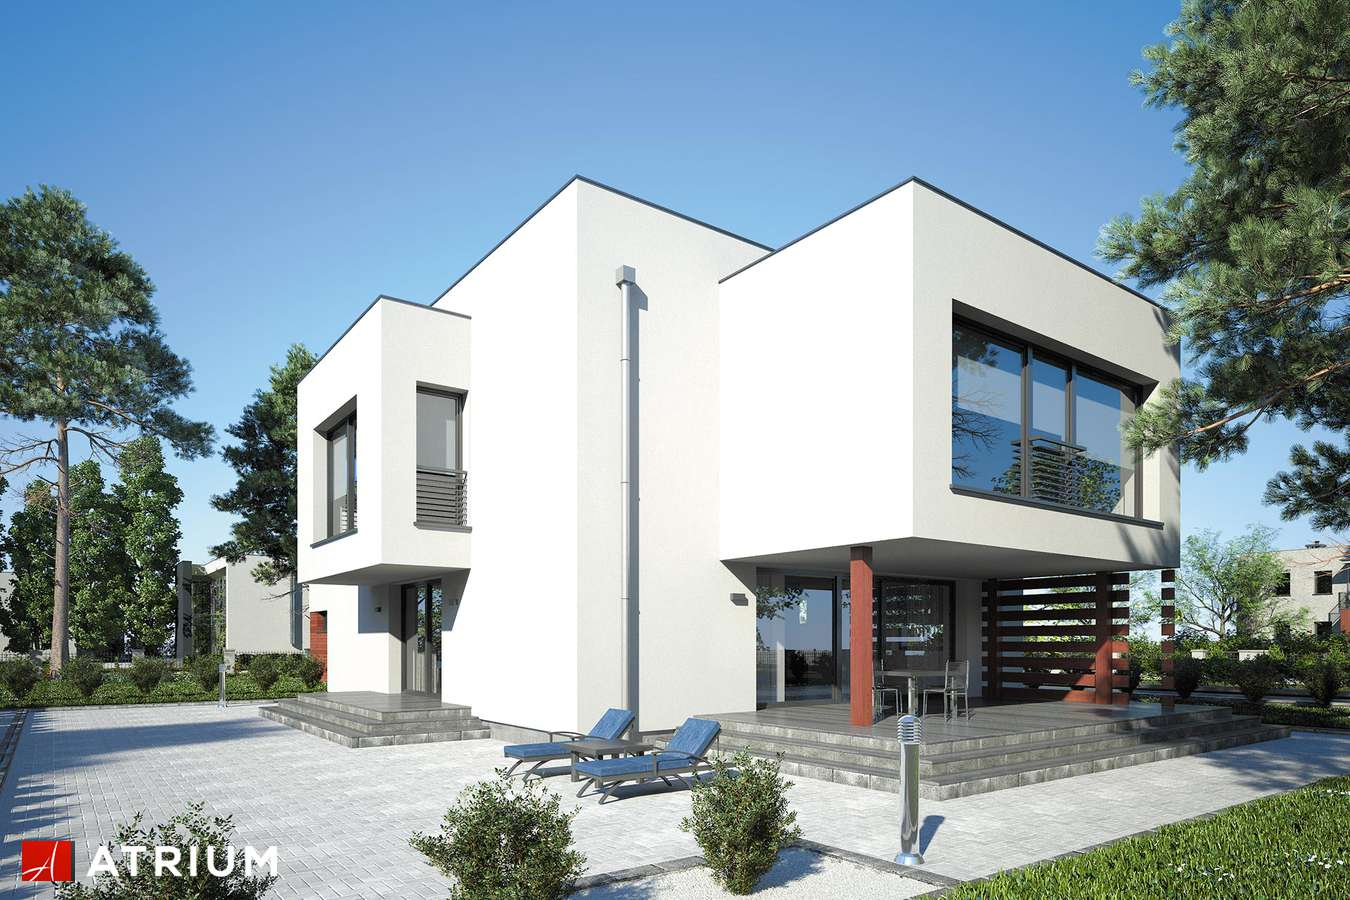 Projekty domów - Projekt domu piętrowego SENATOR III - wizualizacja 1